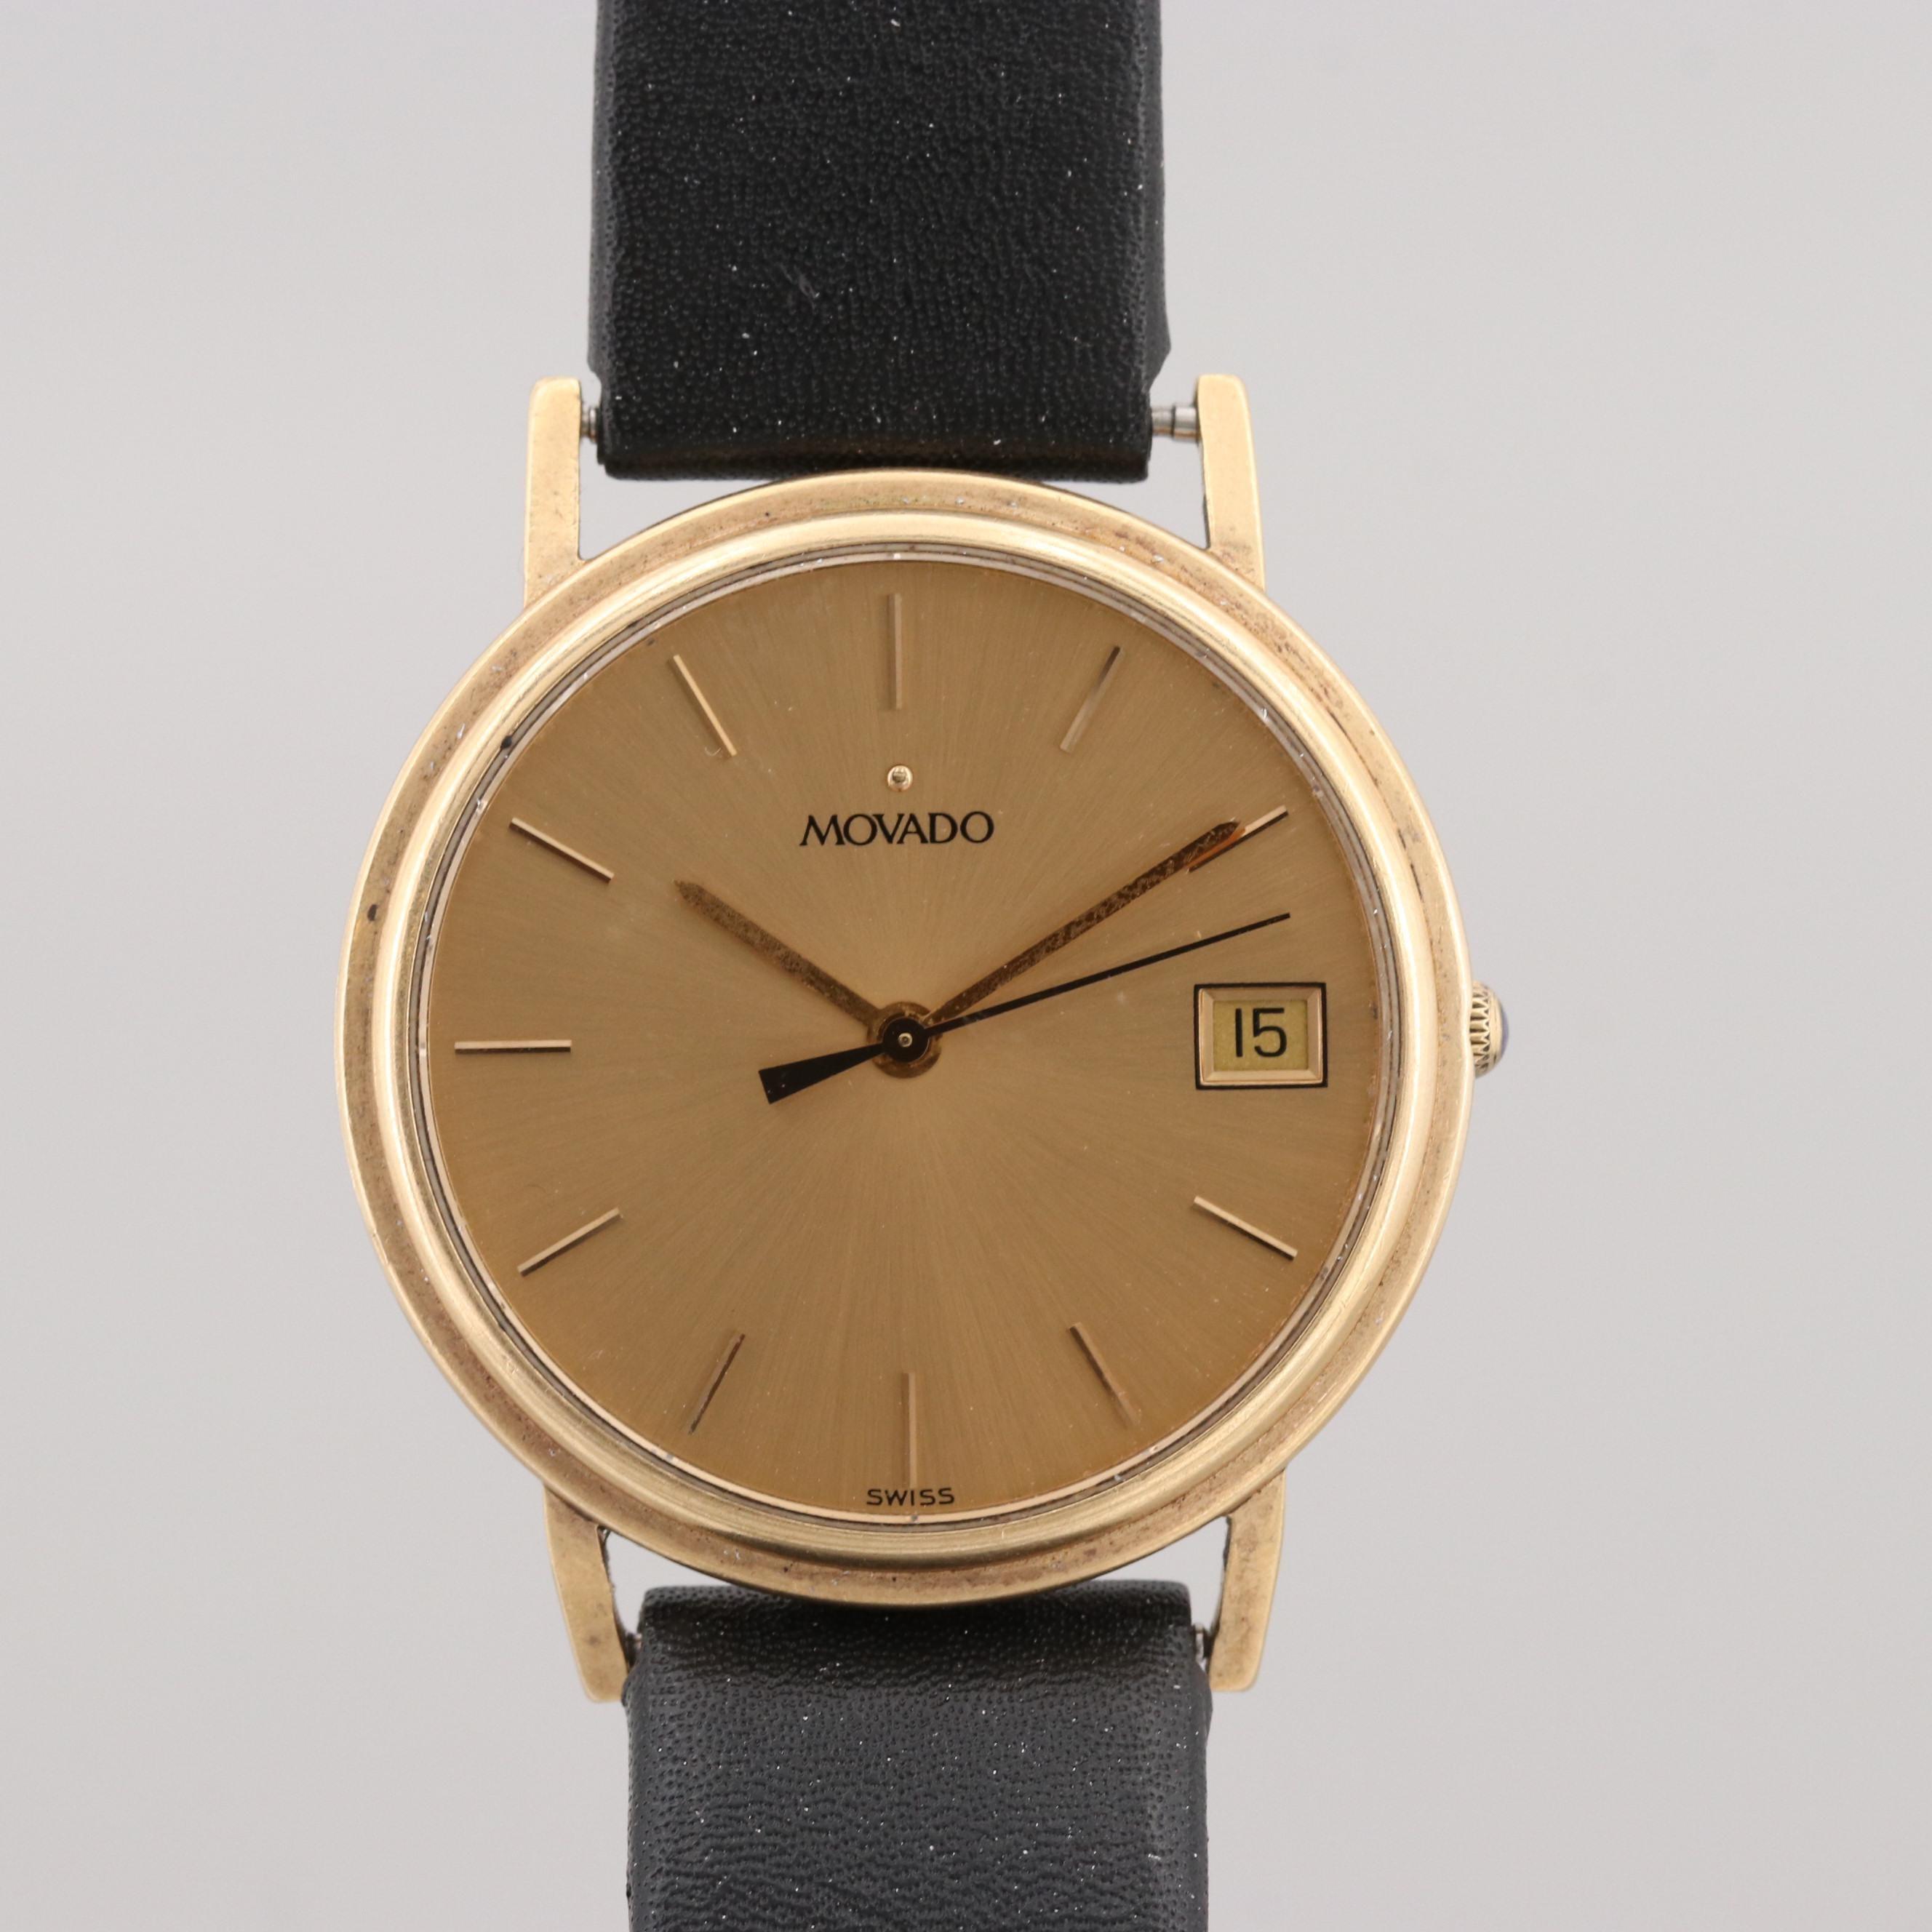 Movado 14K Yellow Gold Quartz Wristwatch